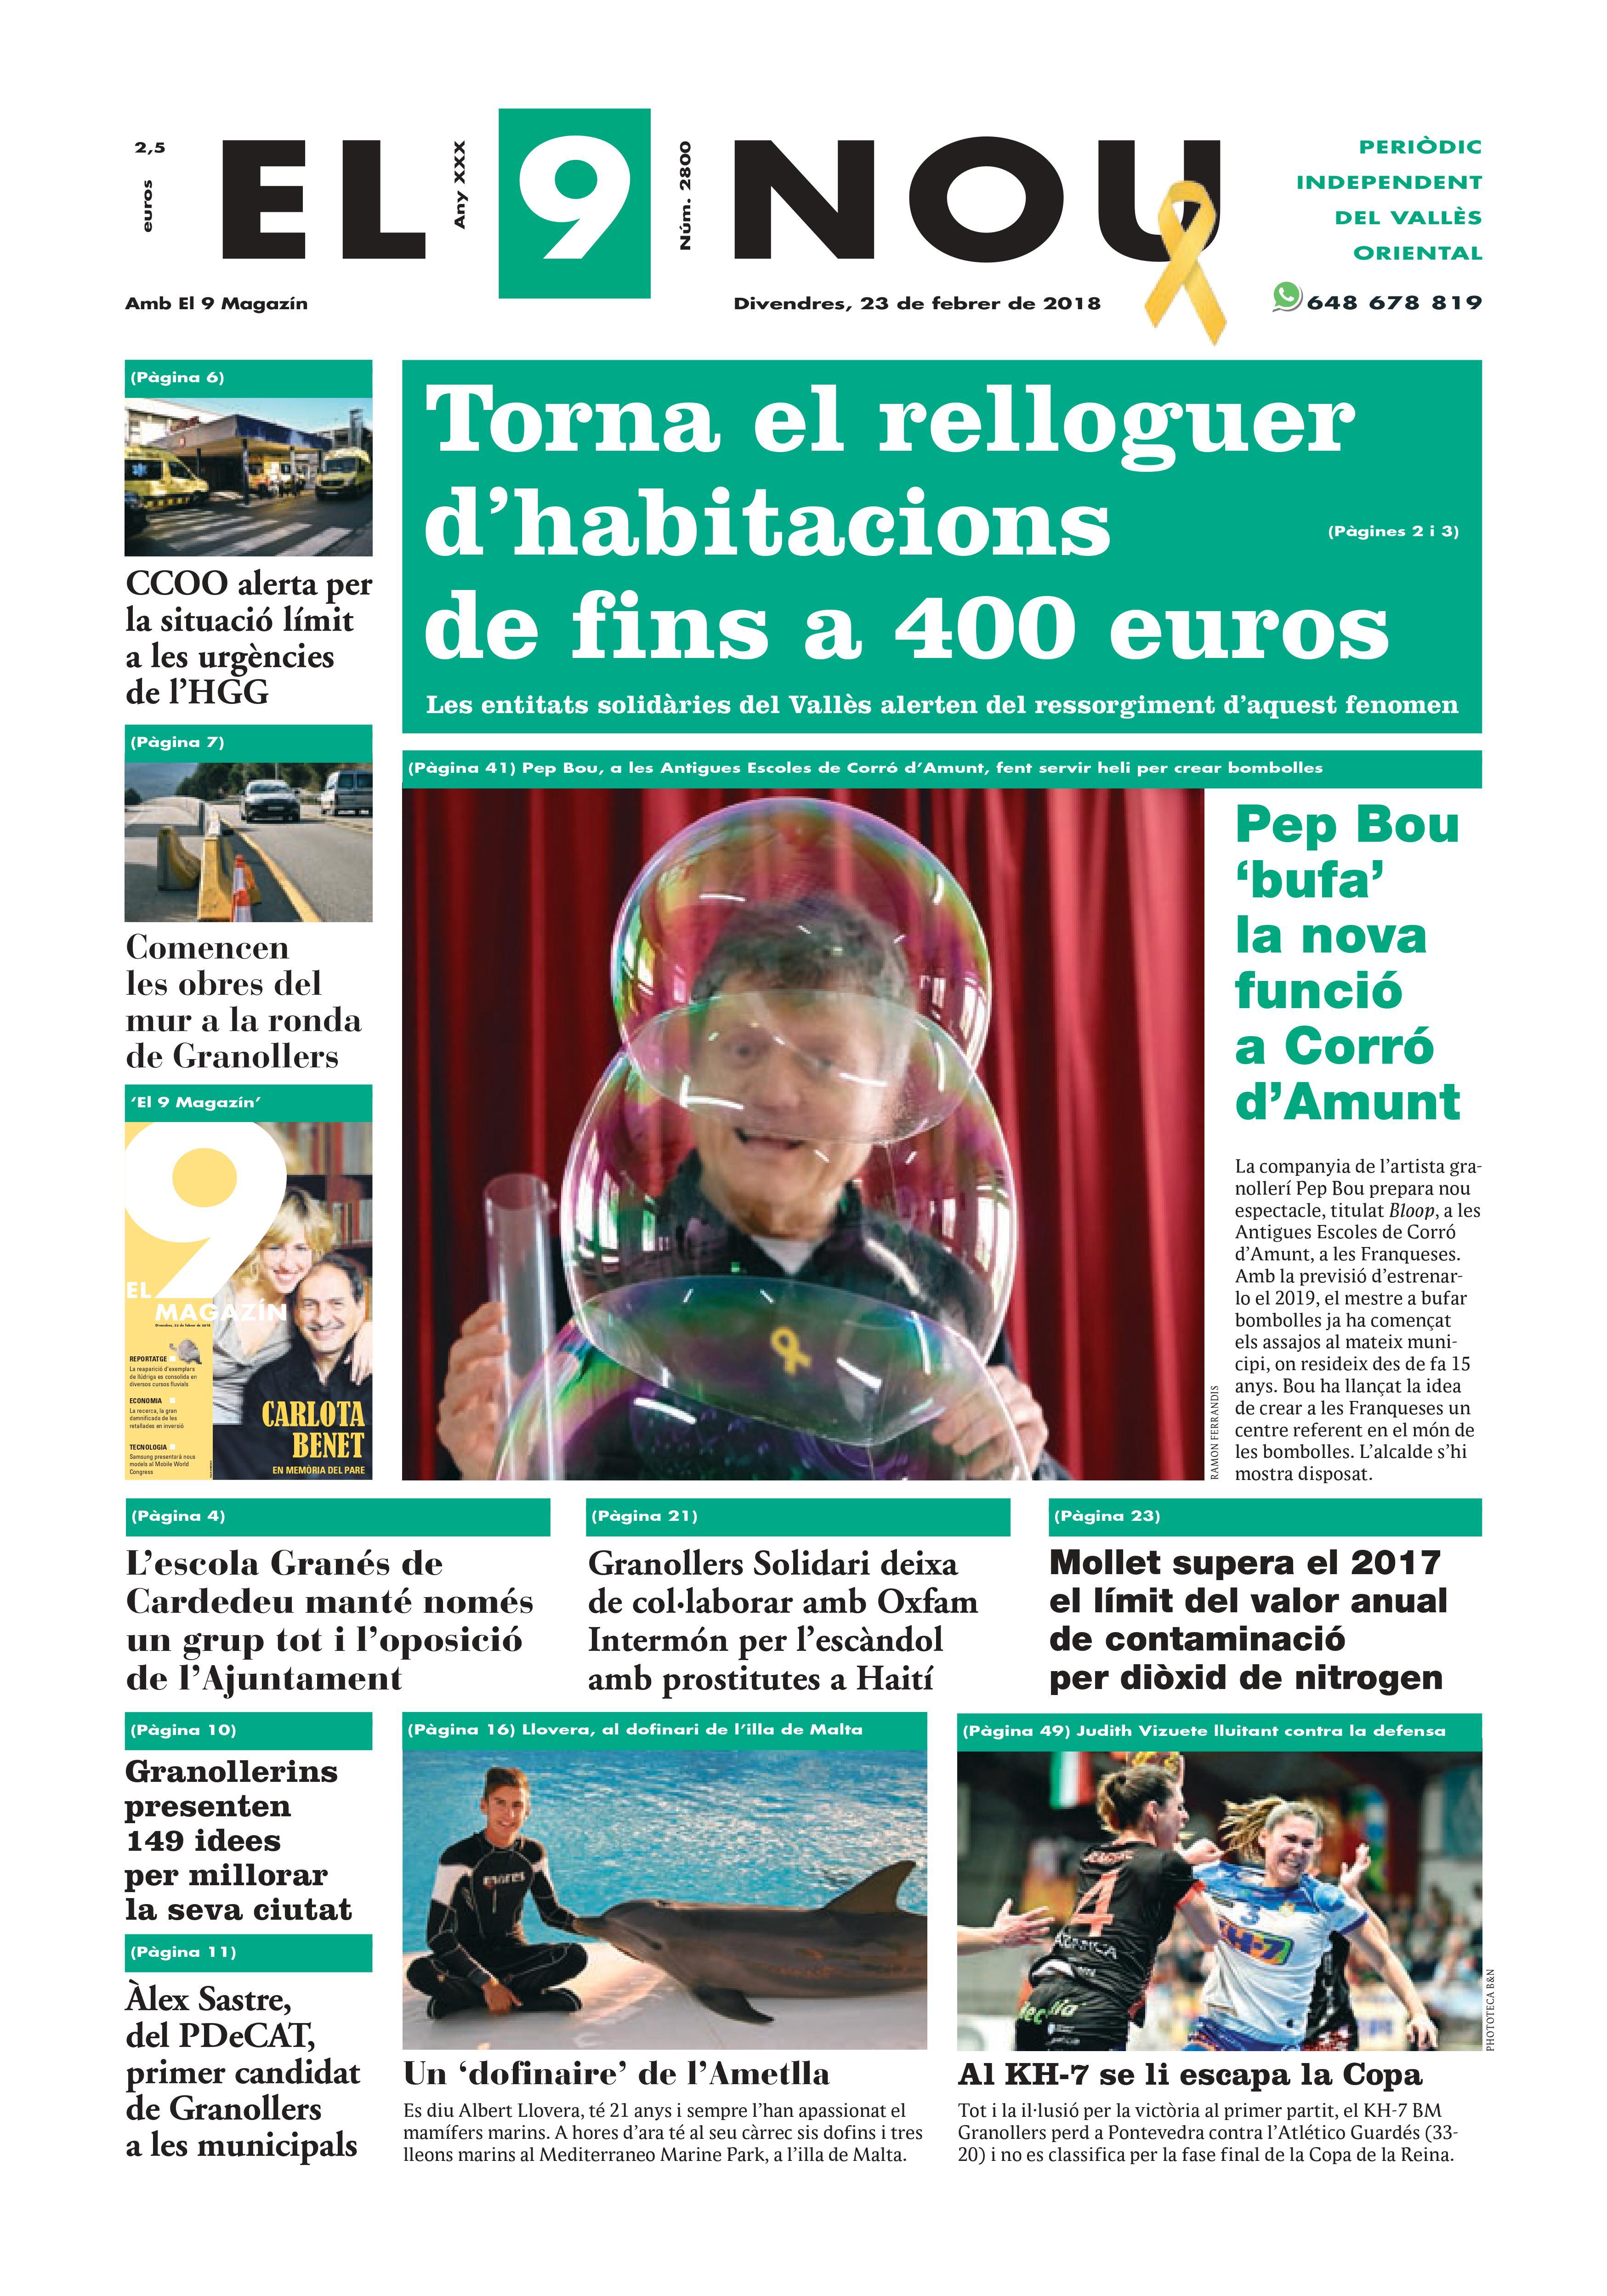 Primera plana EL 9 NOU 23_02_18 Vallès